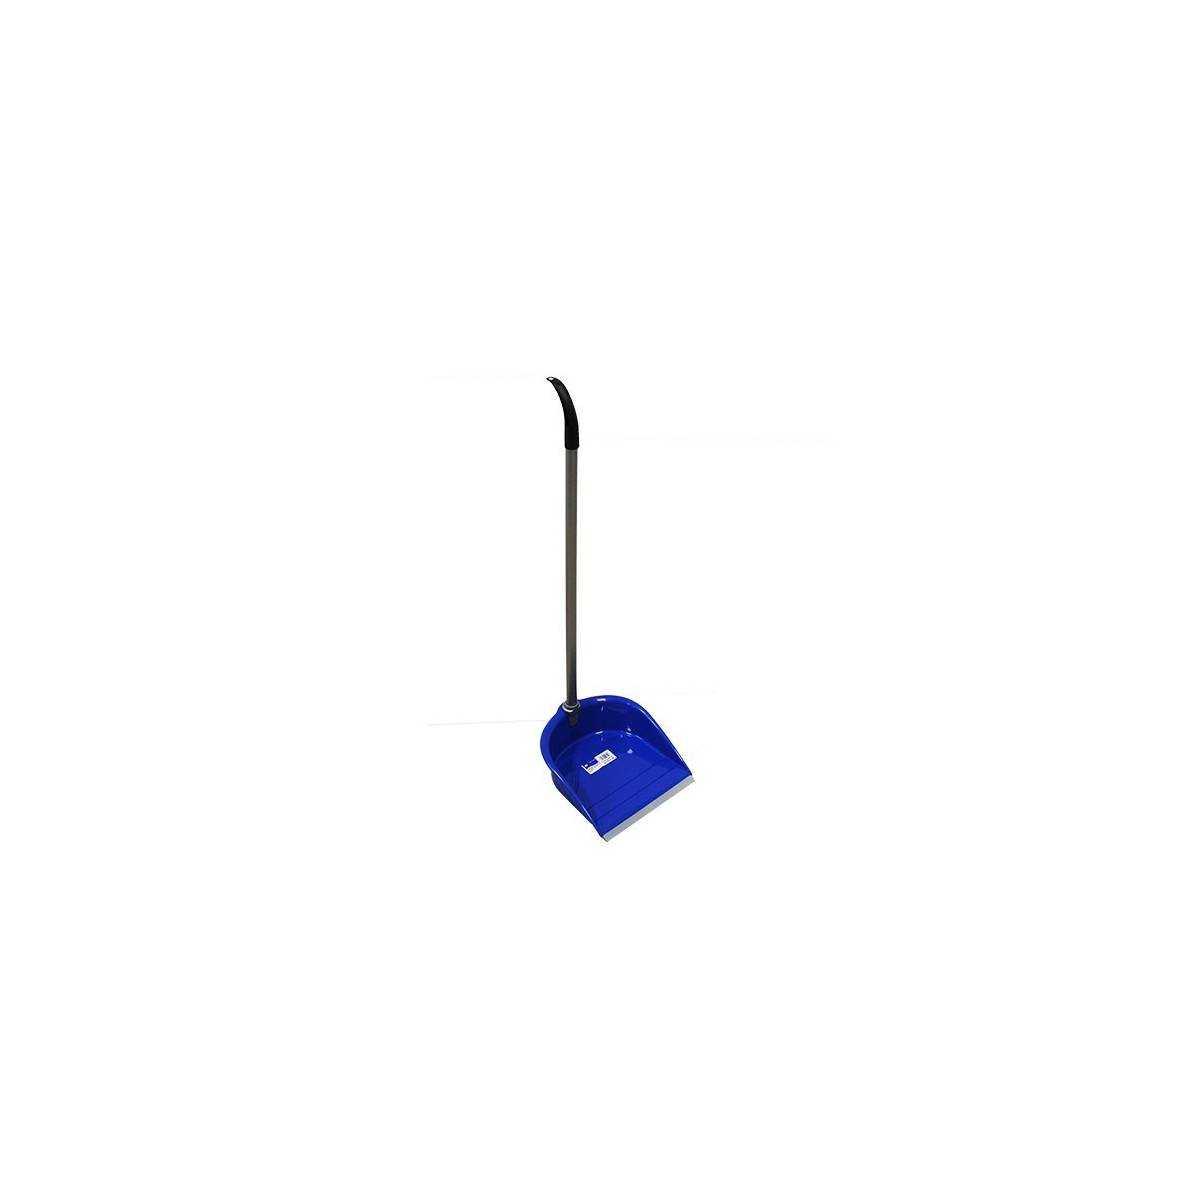 Совок KIWI (Синего цвета) 20.00810.0012 Bl APEX - Fratelli Re SpA